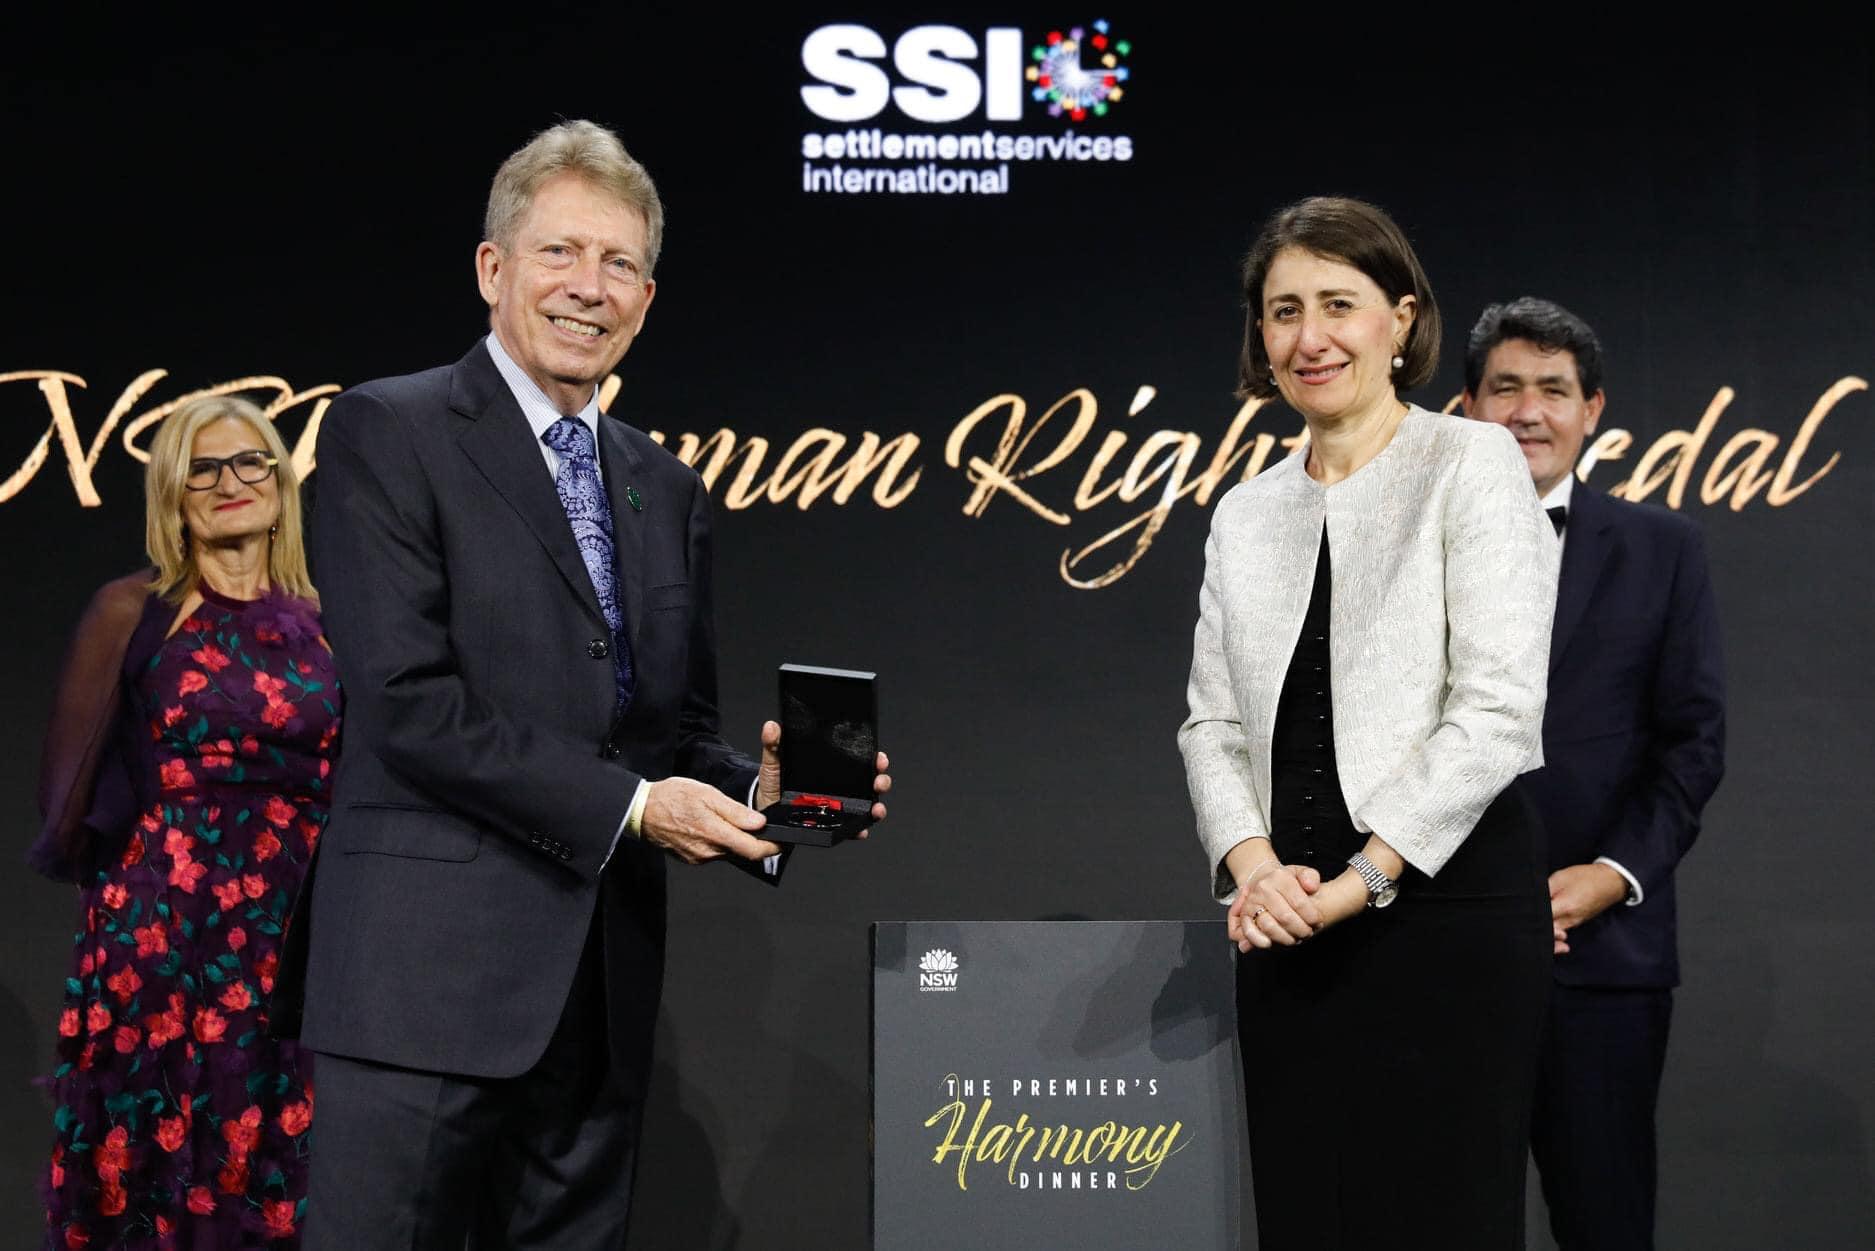 STARTTS Chair Dr. Roger Gurr – Awarded 2021 Premier's Human Rights Medal